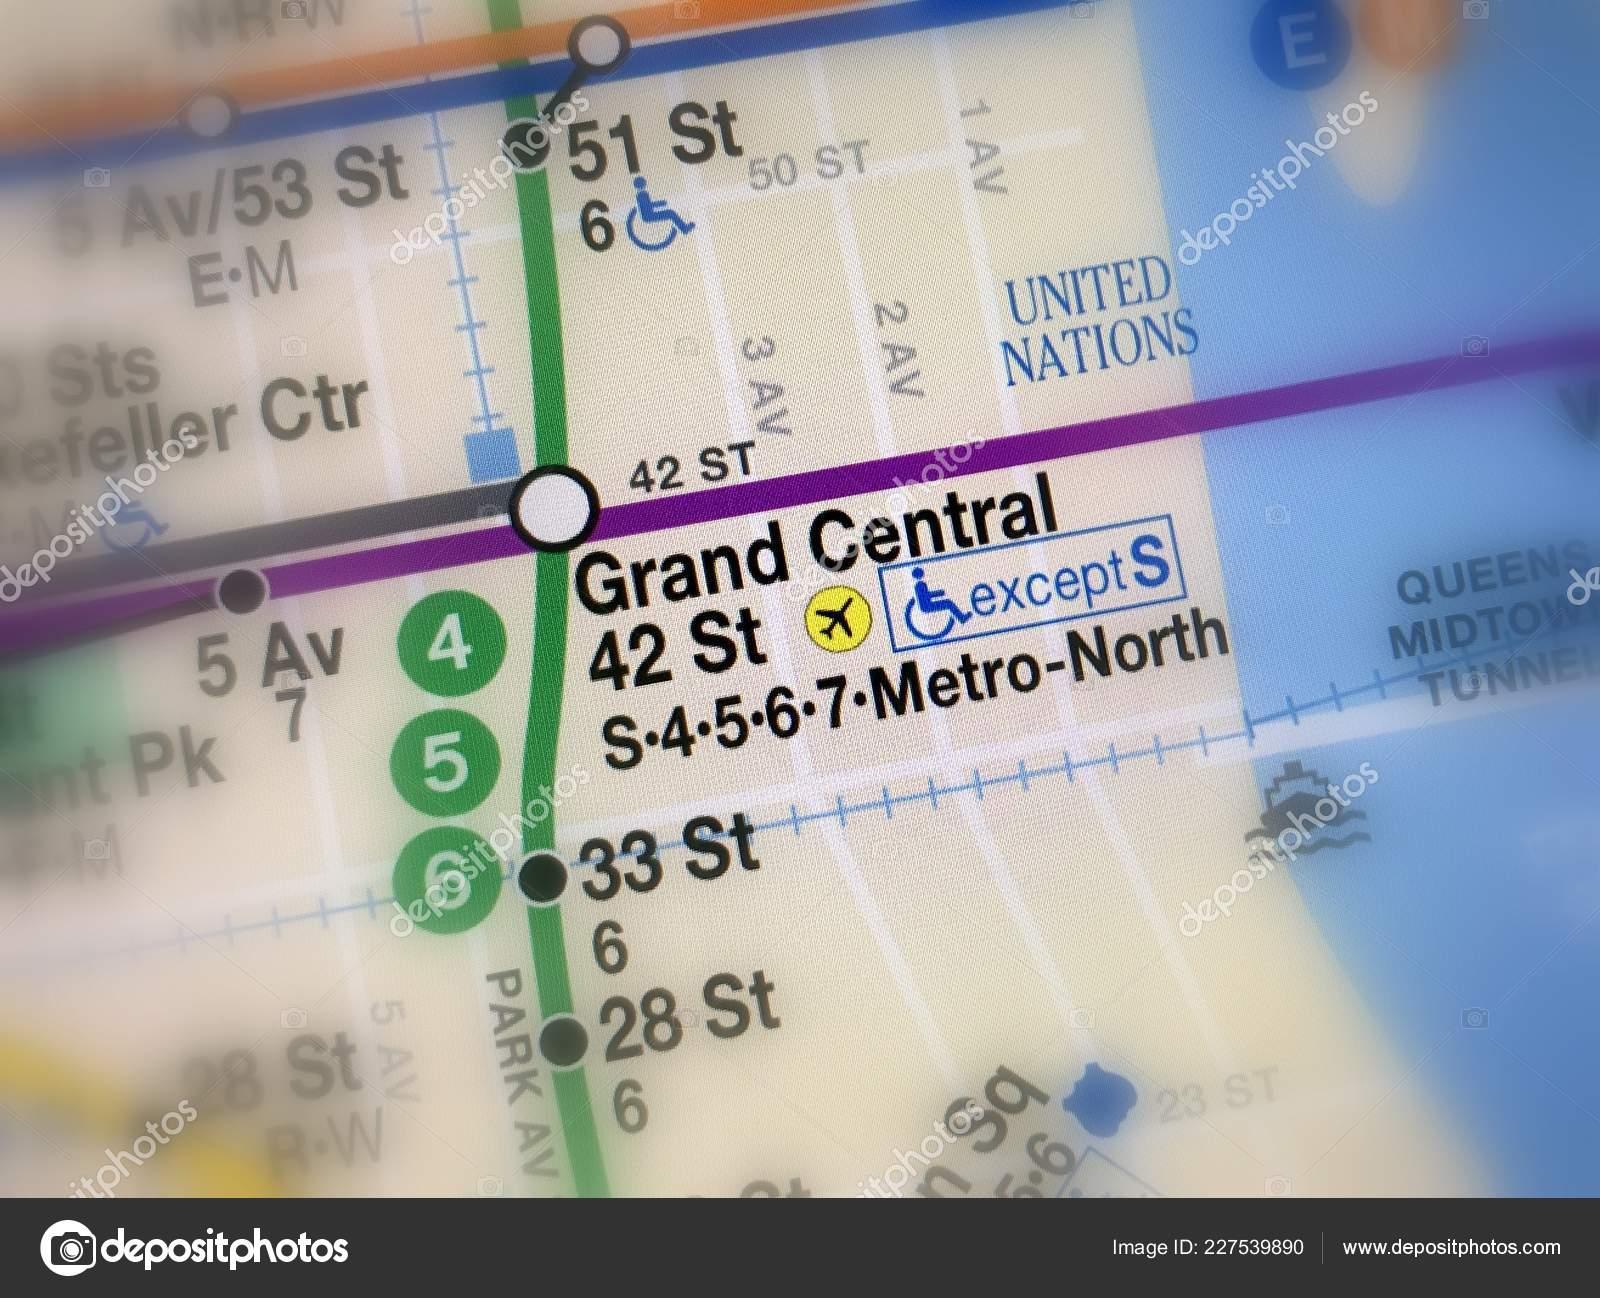 Nyc Subway Map Pics Stock.Amsterdam Netherlands November 2018 Map Grand Central Subway Metro